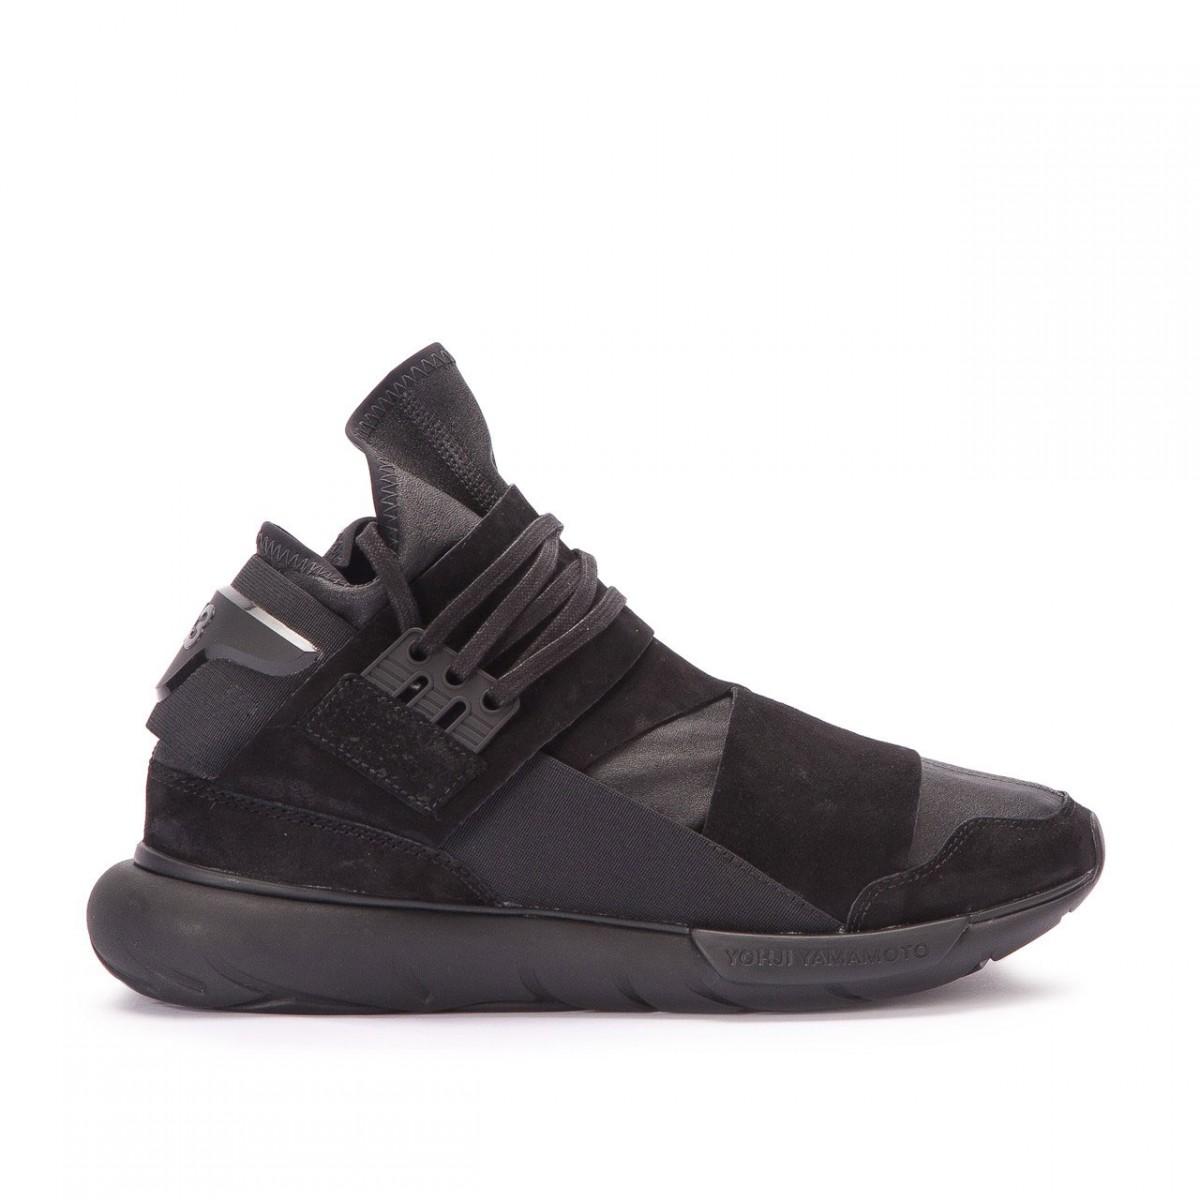 y-3-qasa-high-leather-2-1200x1200